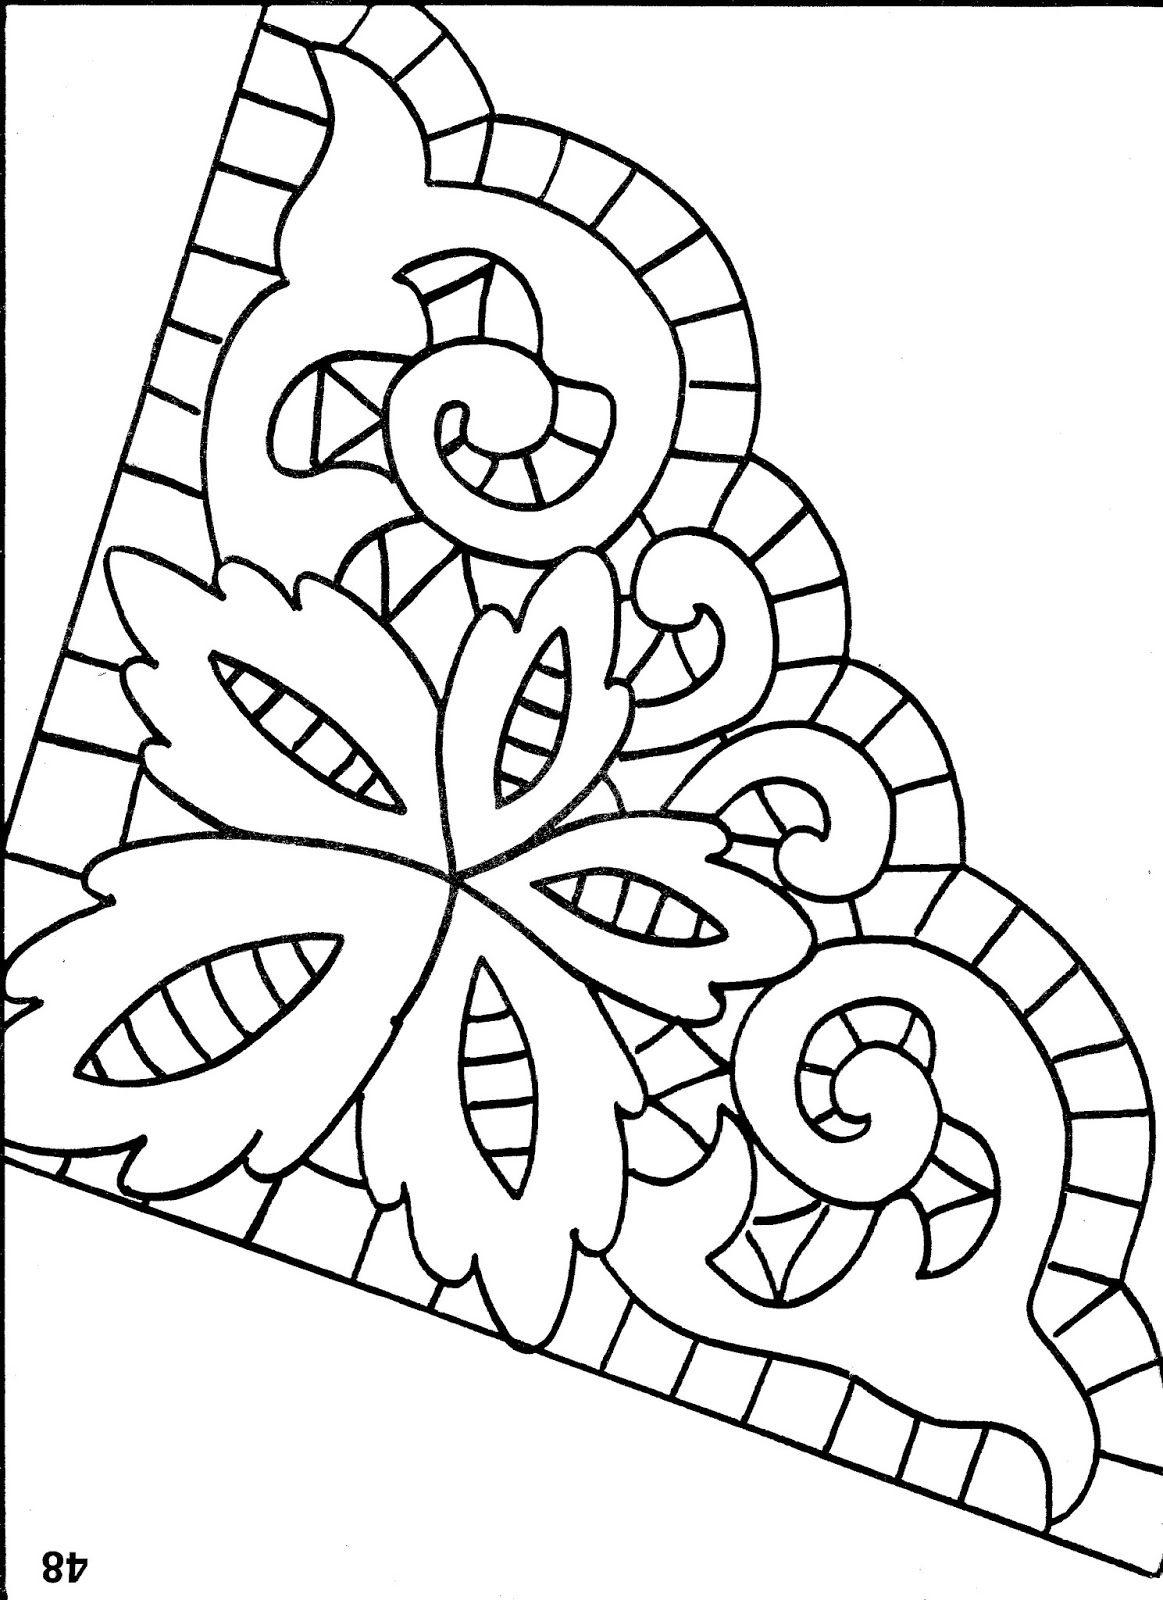 Wzory Haftu Richelieu Polskie Rekodzielo Embroidery Linen Napkins Bobbin Lace